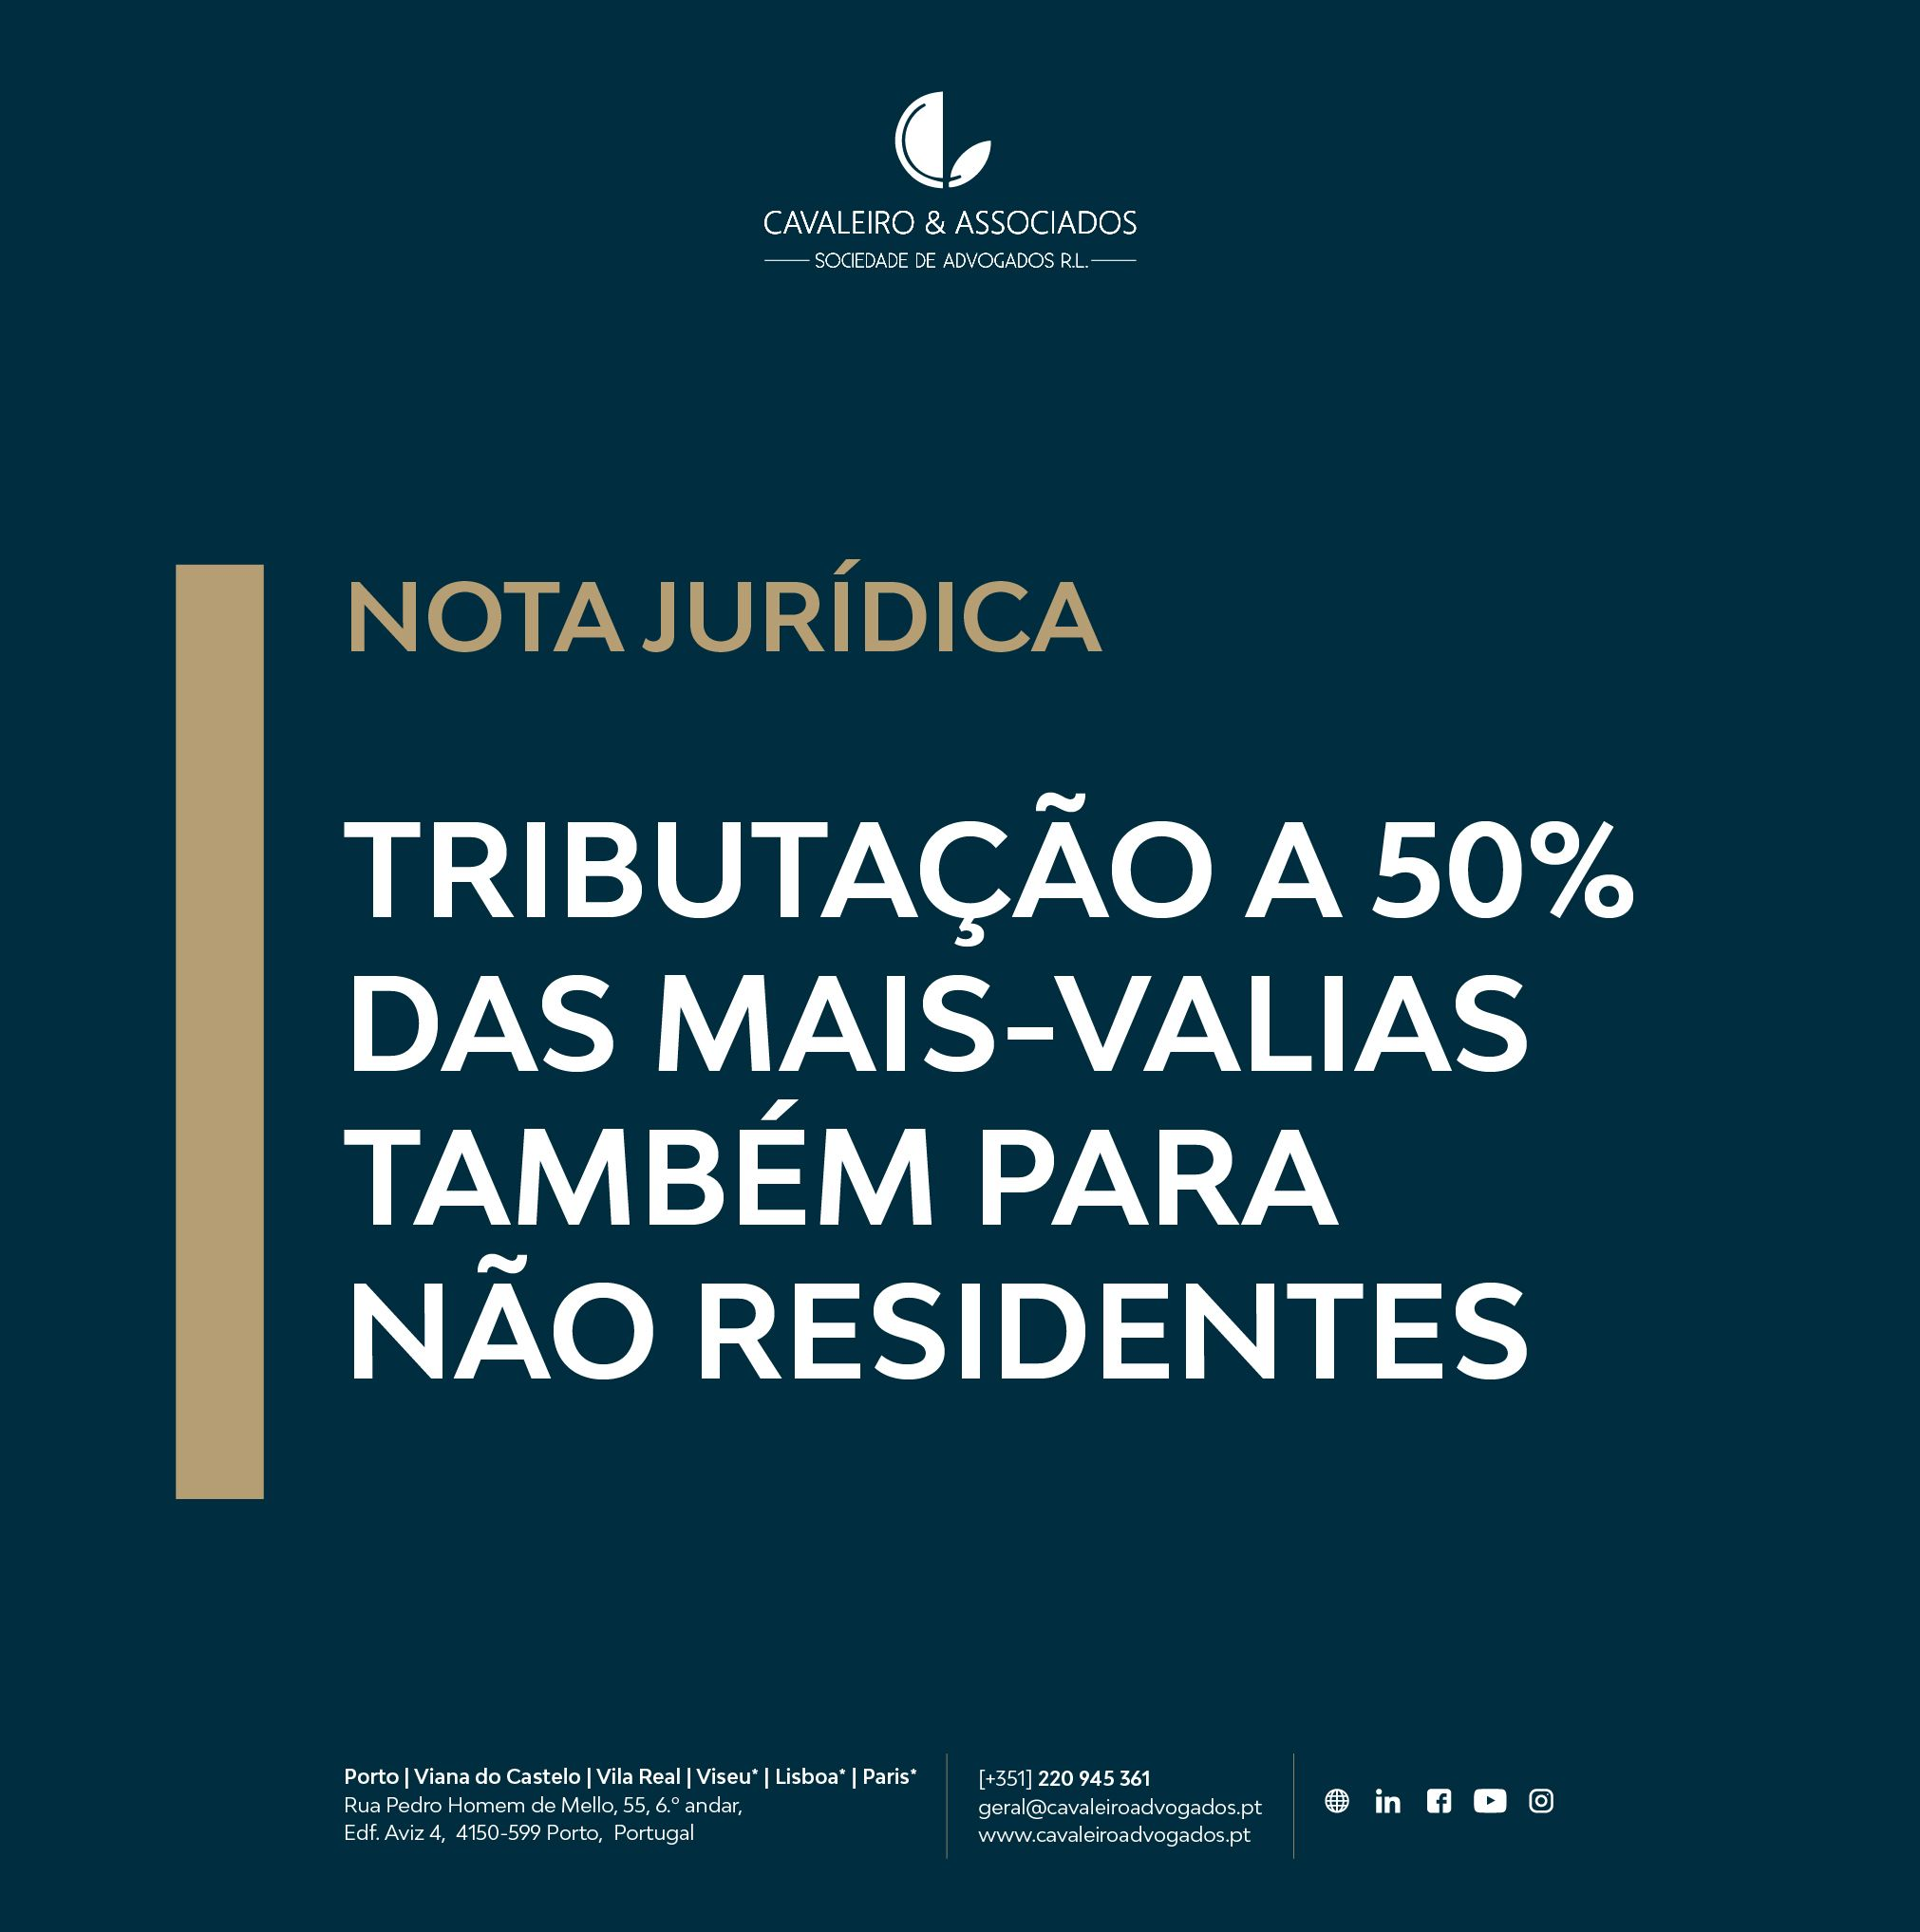 Tributação a 50% das mais-valias também para não residentes